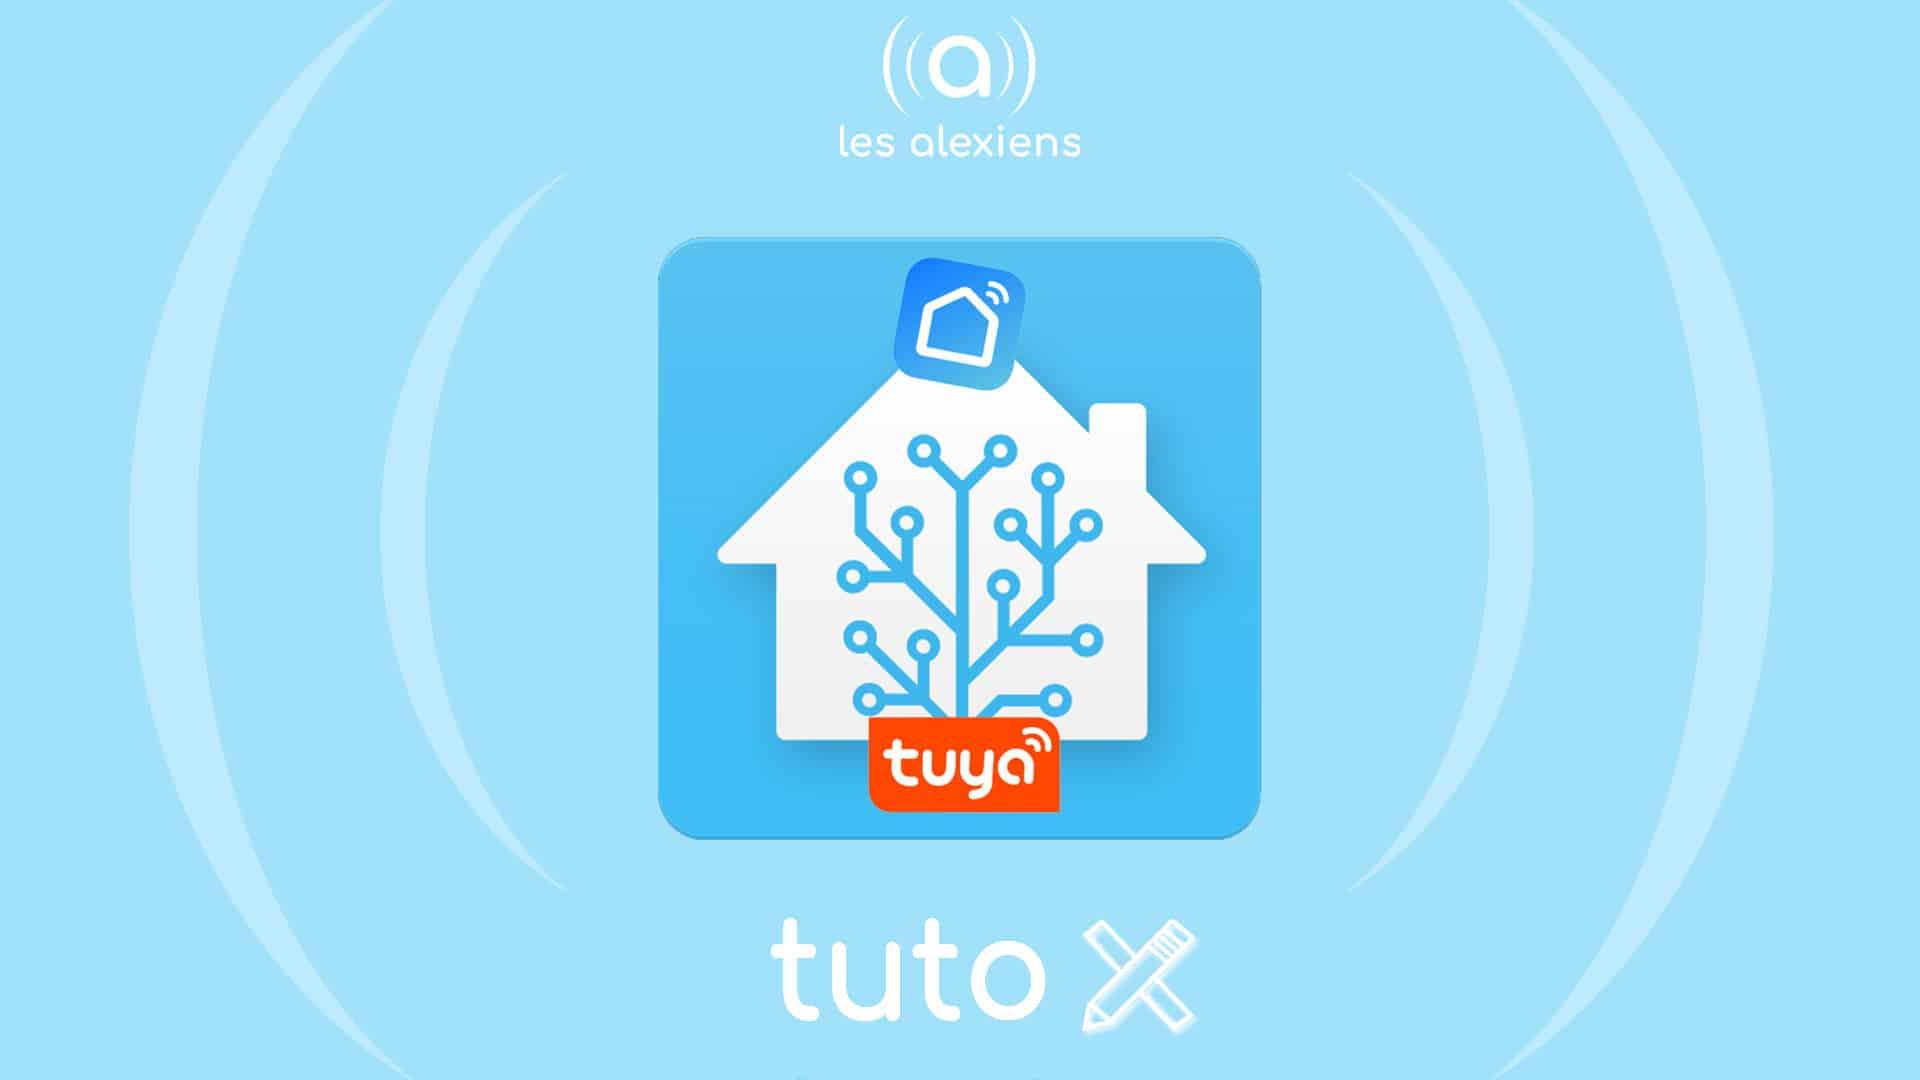 Tutoriel d'intégration Smart Life Tuya dans Home Assistant